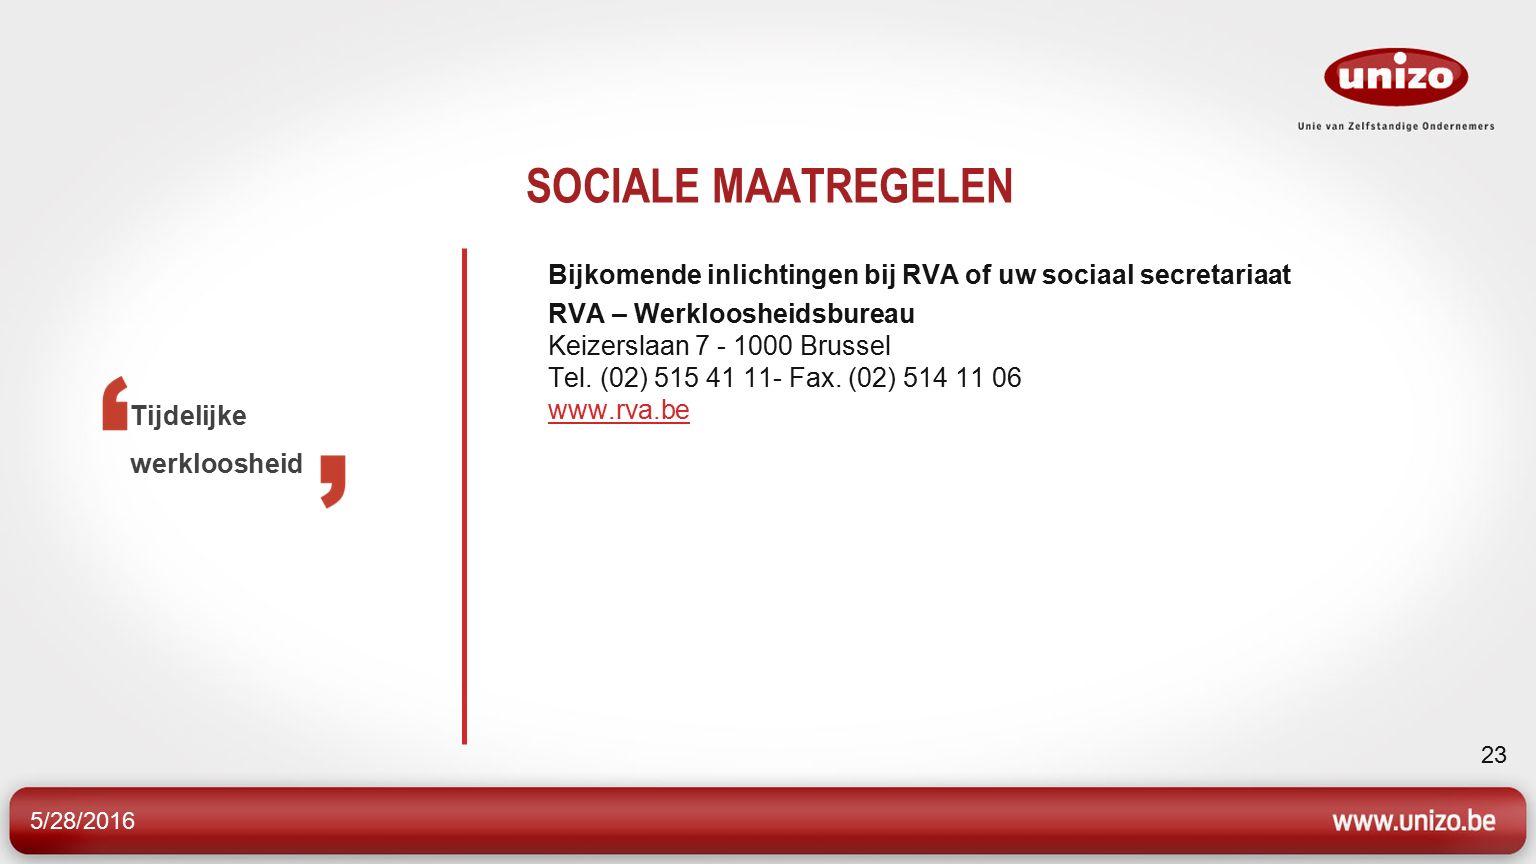 5/28/2016 23 SOCIALE MAATREGELEN Bijkomende inlichtingen bij RVA of uw sociaal secretariaat RVA – Werkloosheidsbureau Keizerslaan 7 - 1000 Brussel Tel